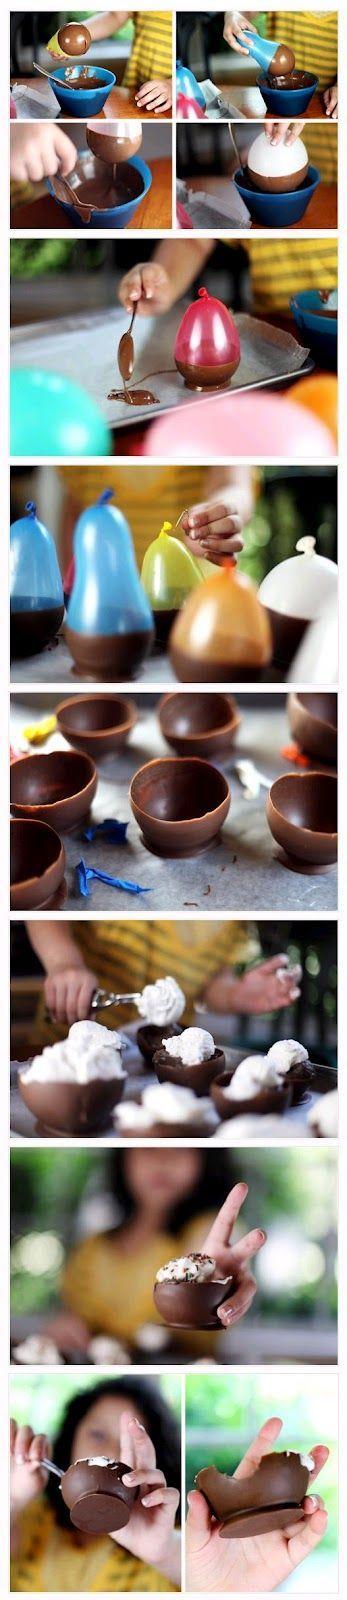 How to make chocolate bases. Como crear bases de chocolate. Subido de Pinterest. http://www.isladelecturas.es/index.php/noticias/libros/835-las-aventuras-de-indiana-juana-de-jaime-fuster